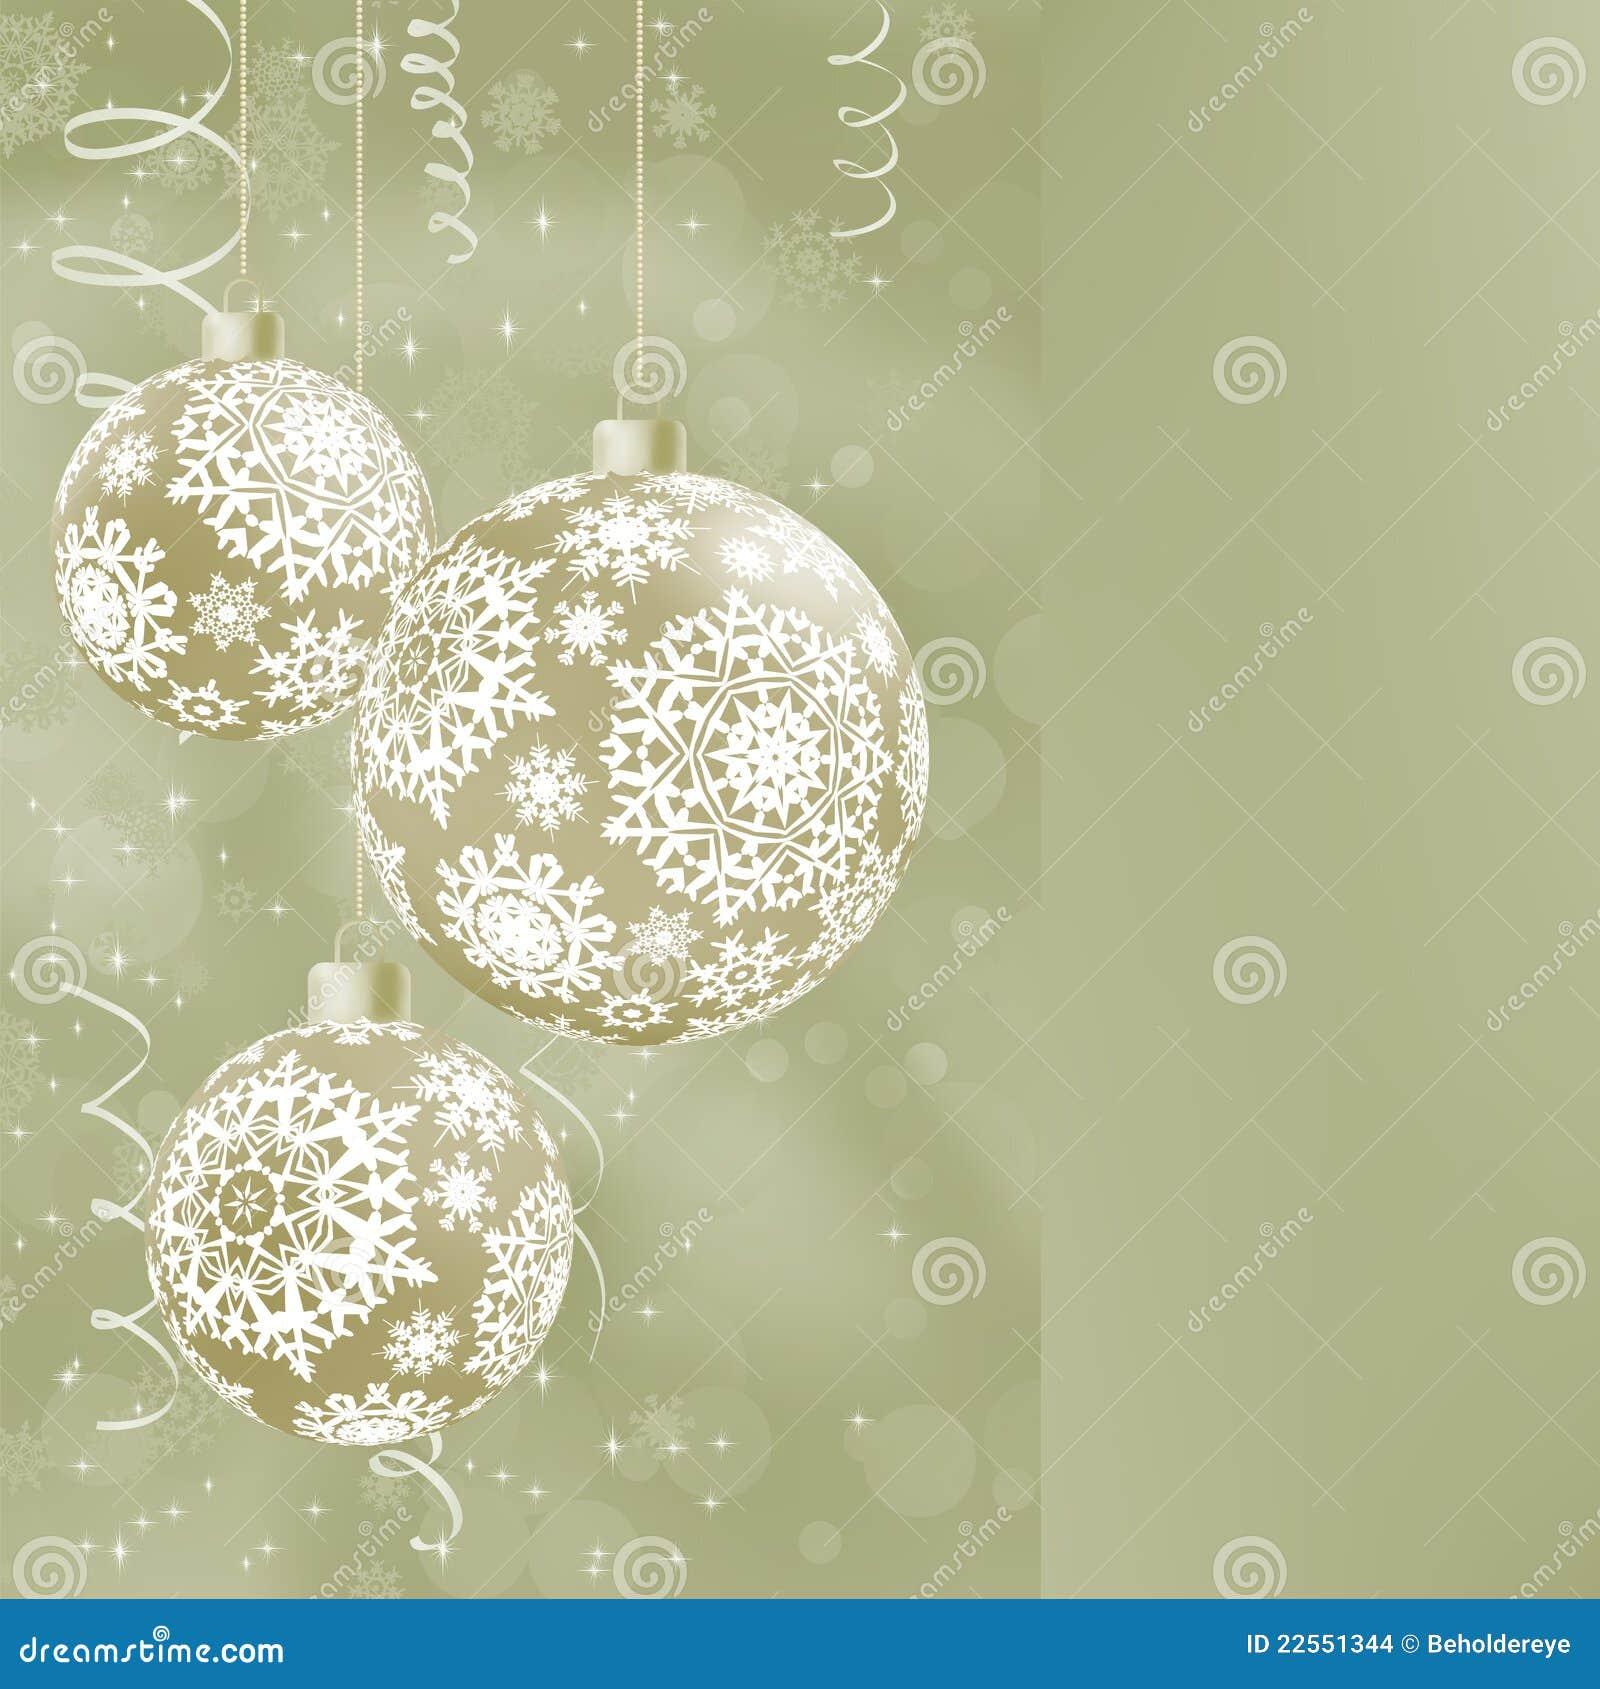 Bolas elegantes de la navidad en extracto eps 8 - Tarjetas de navidad elegantes ...